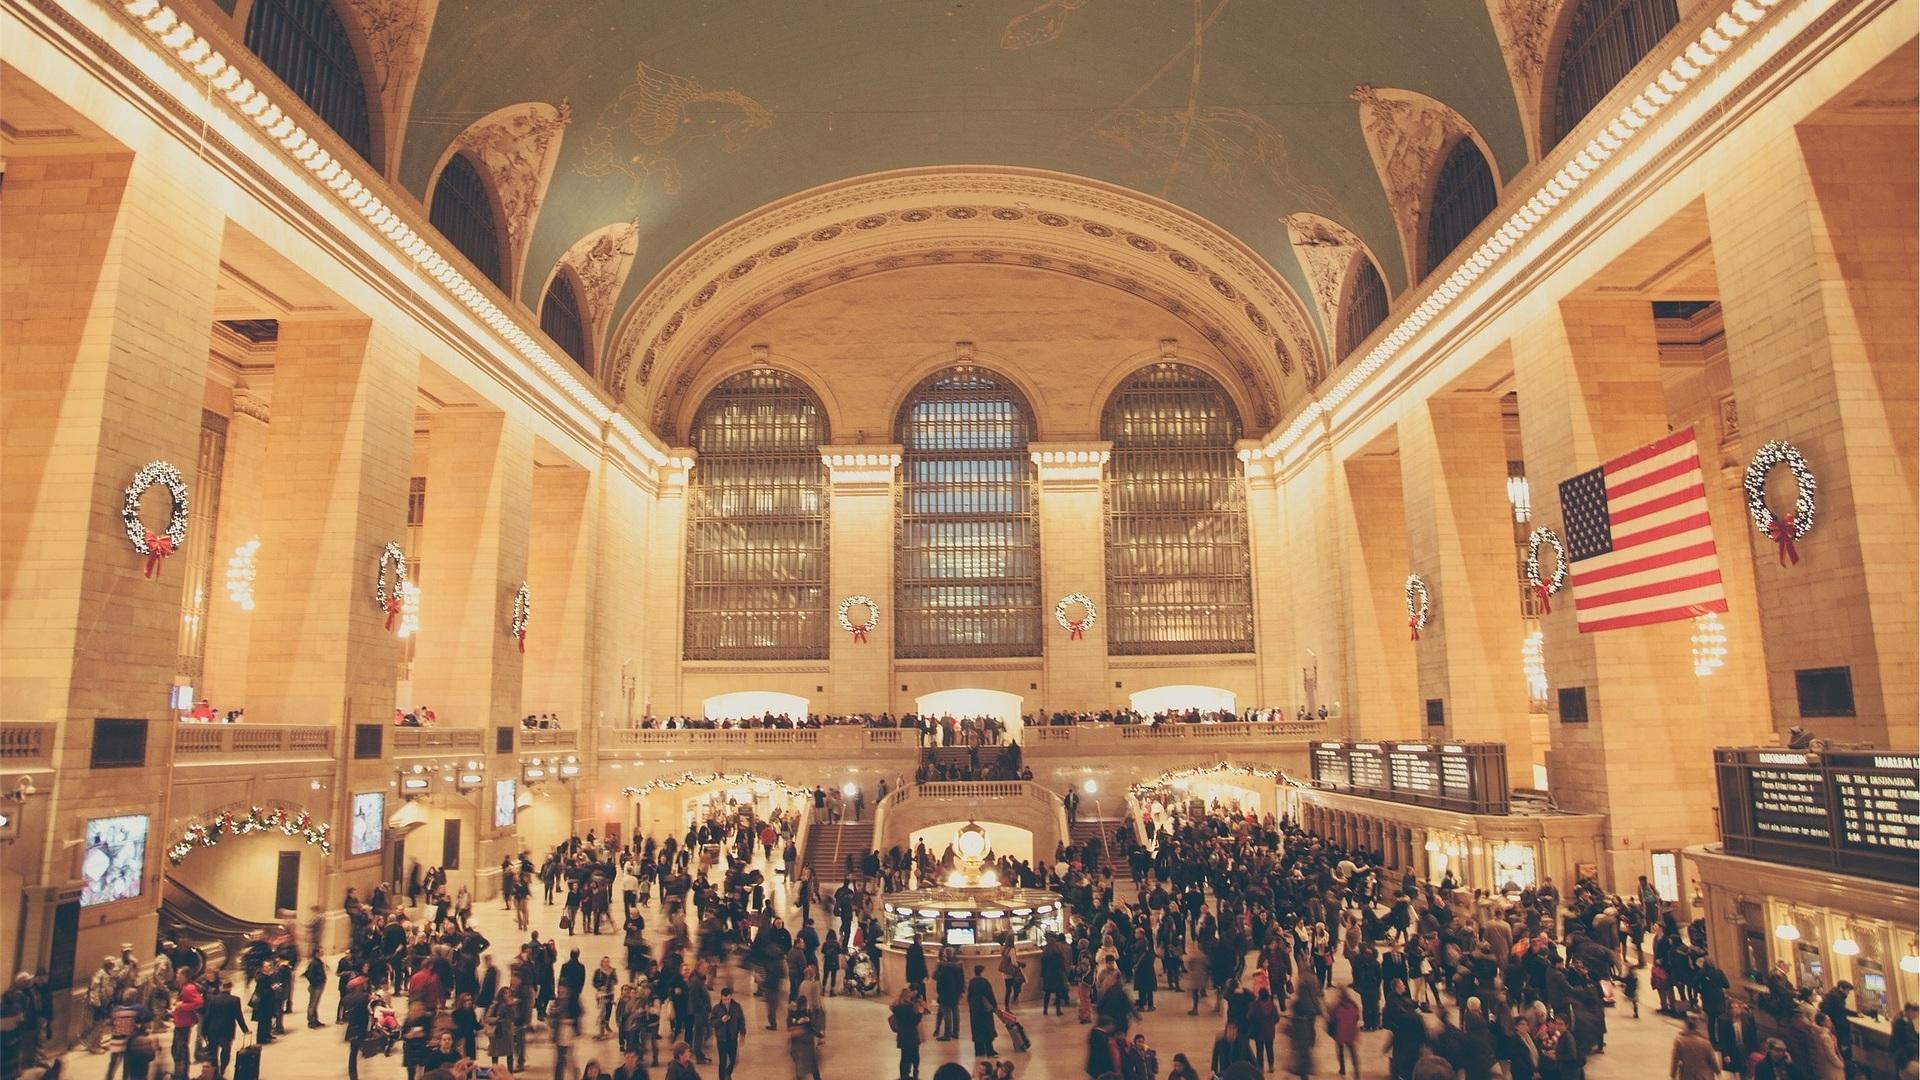 New York på egen hand - Låt oss skräddarsy din New York upplevelse. Vi har biljetter till allt i New York.